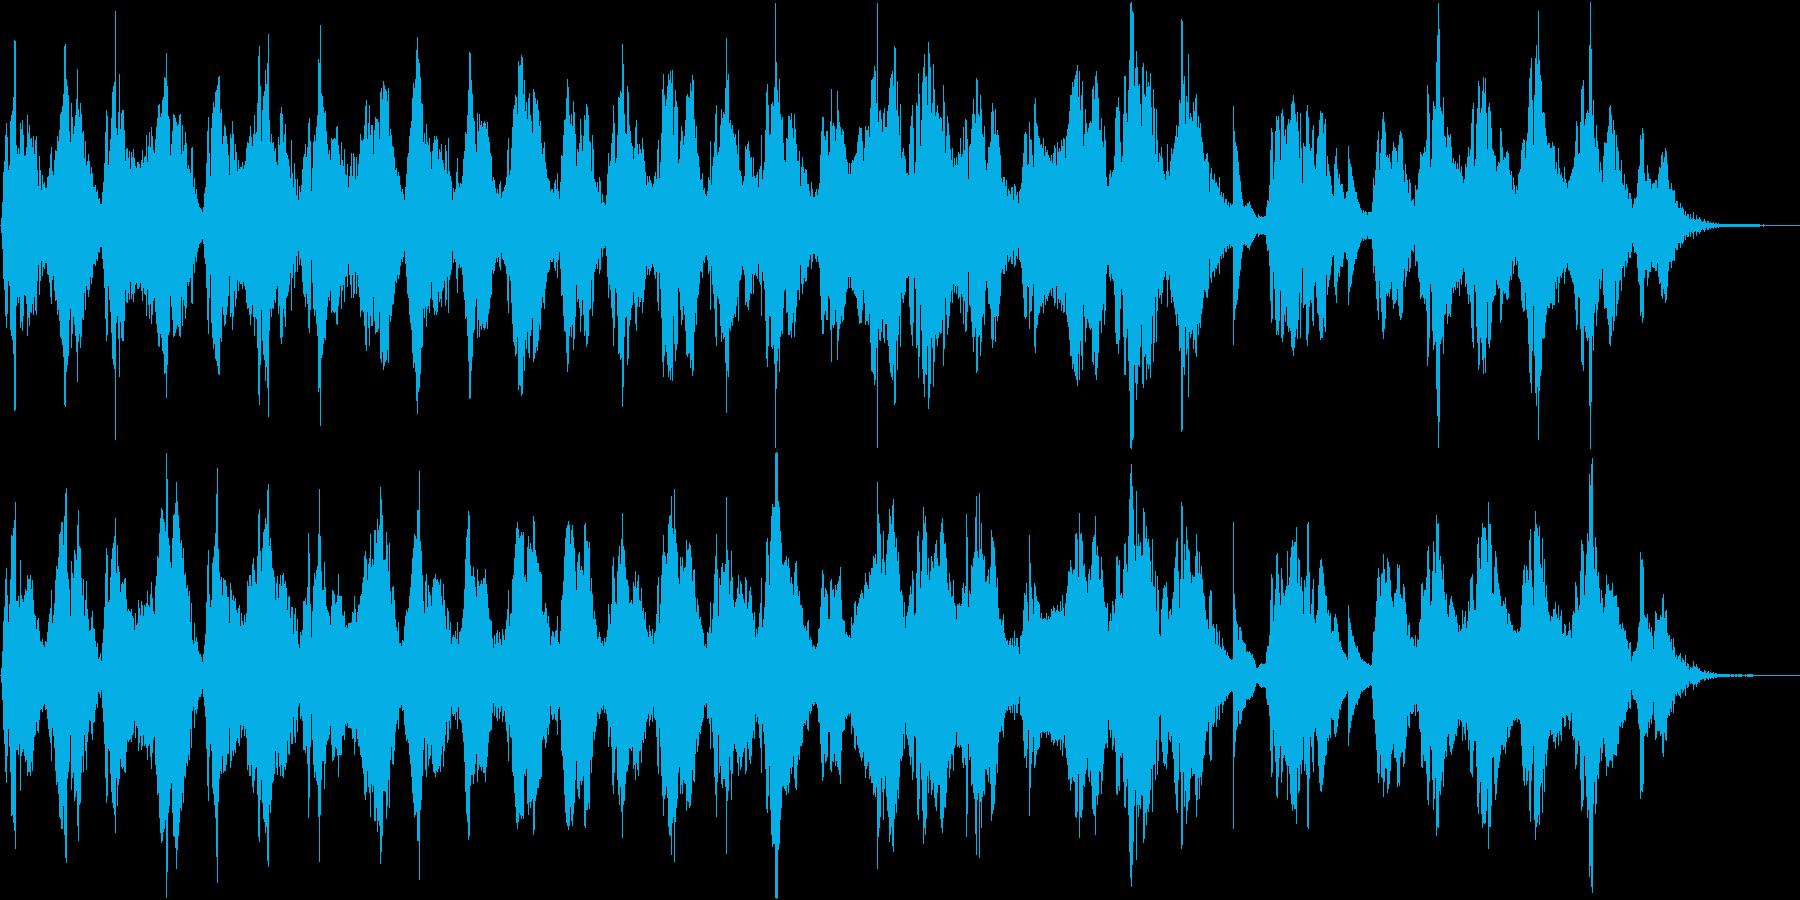 二胡・ピアノによるアンビエンス楽曲の再生済みの波形